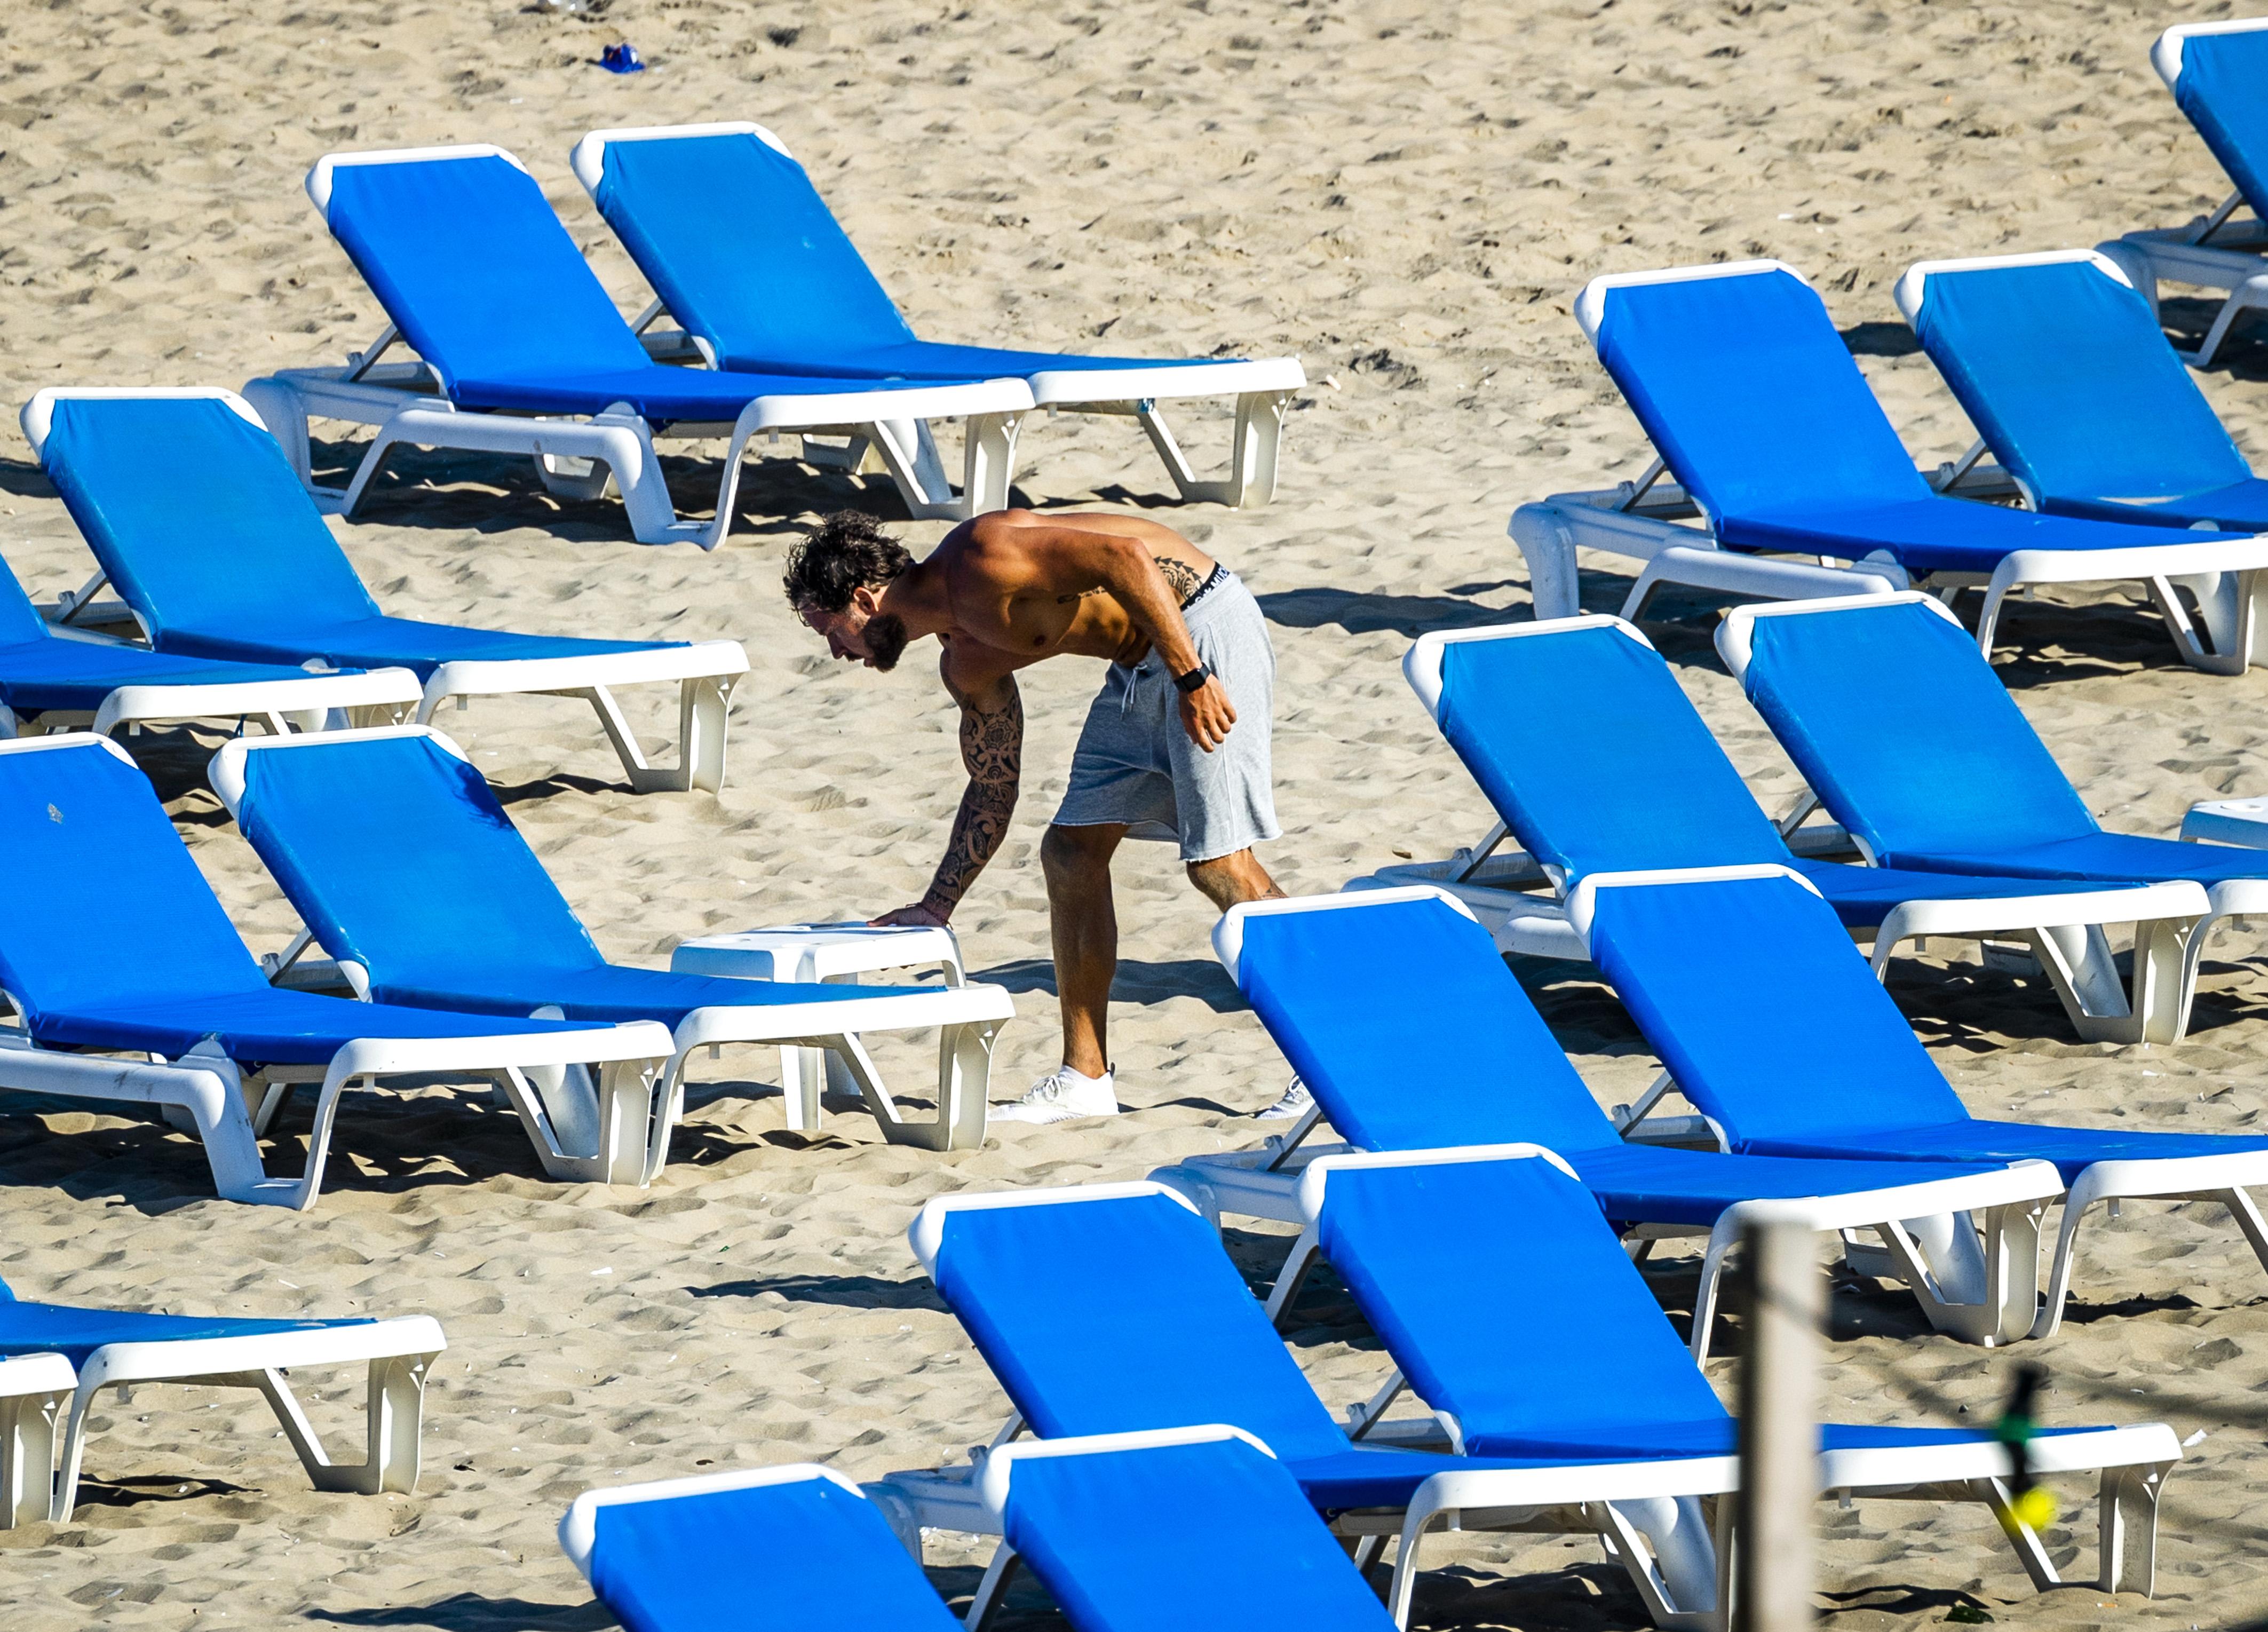 Een foto van lege strandbedjes op het strand bij Zandvoort